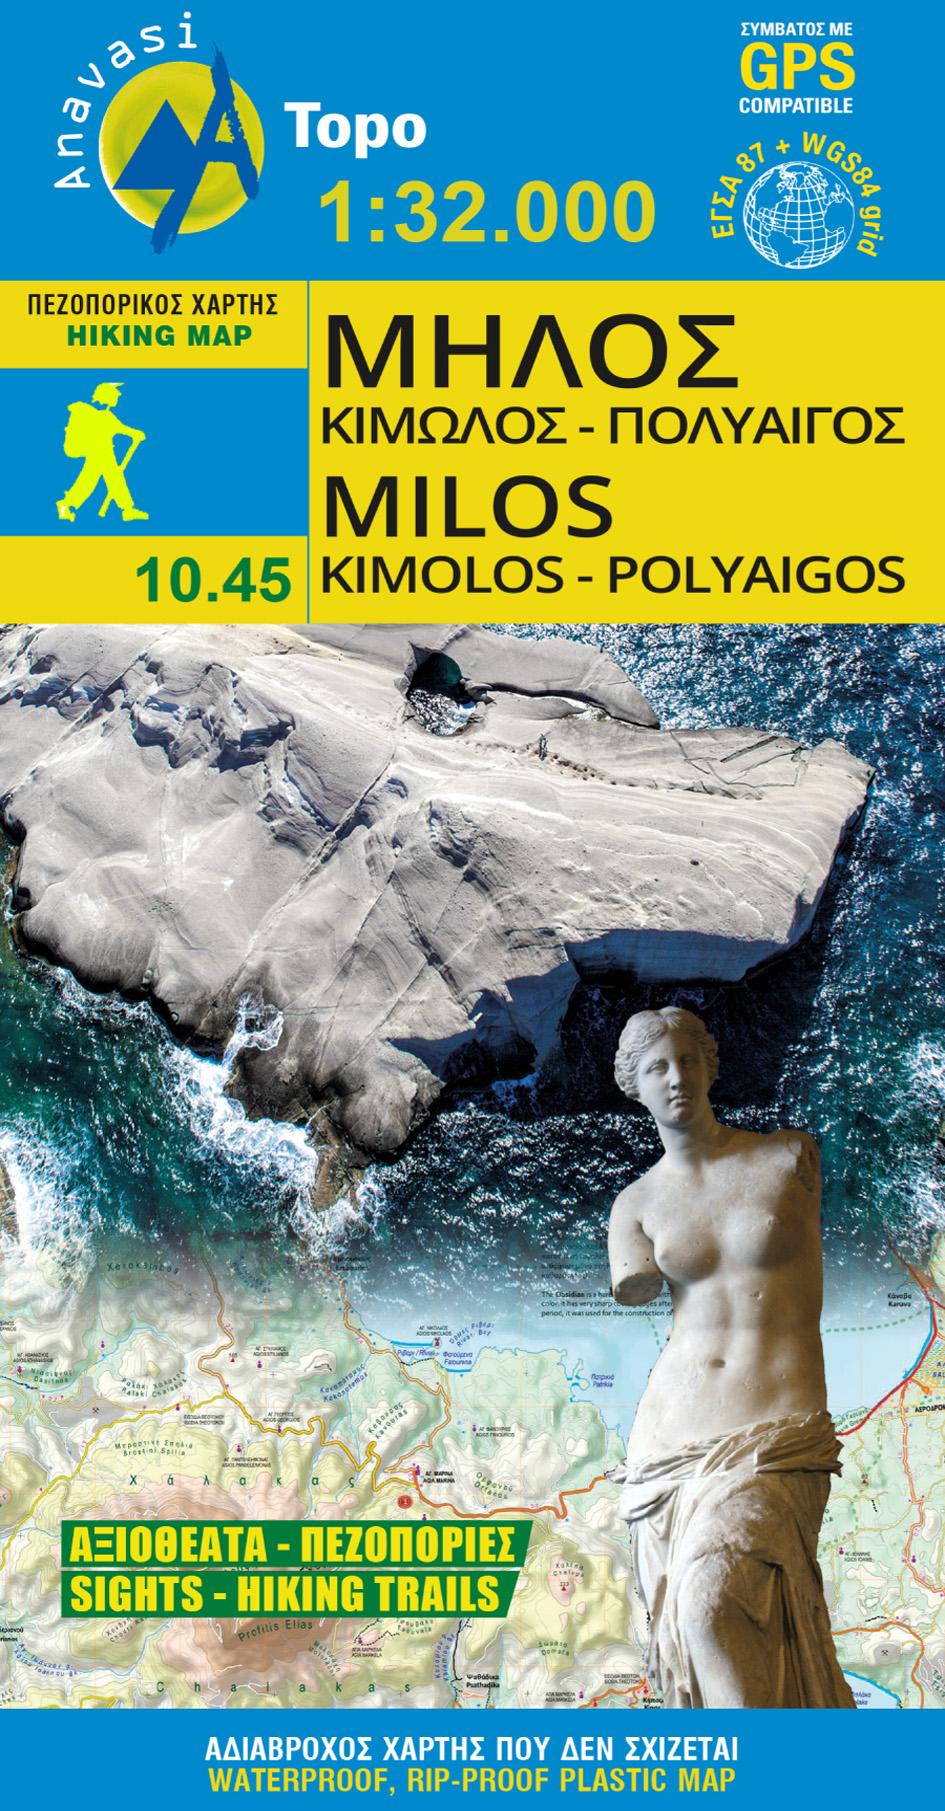 Milos-Kimolos-Polyvos [10.45]